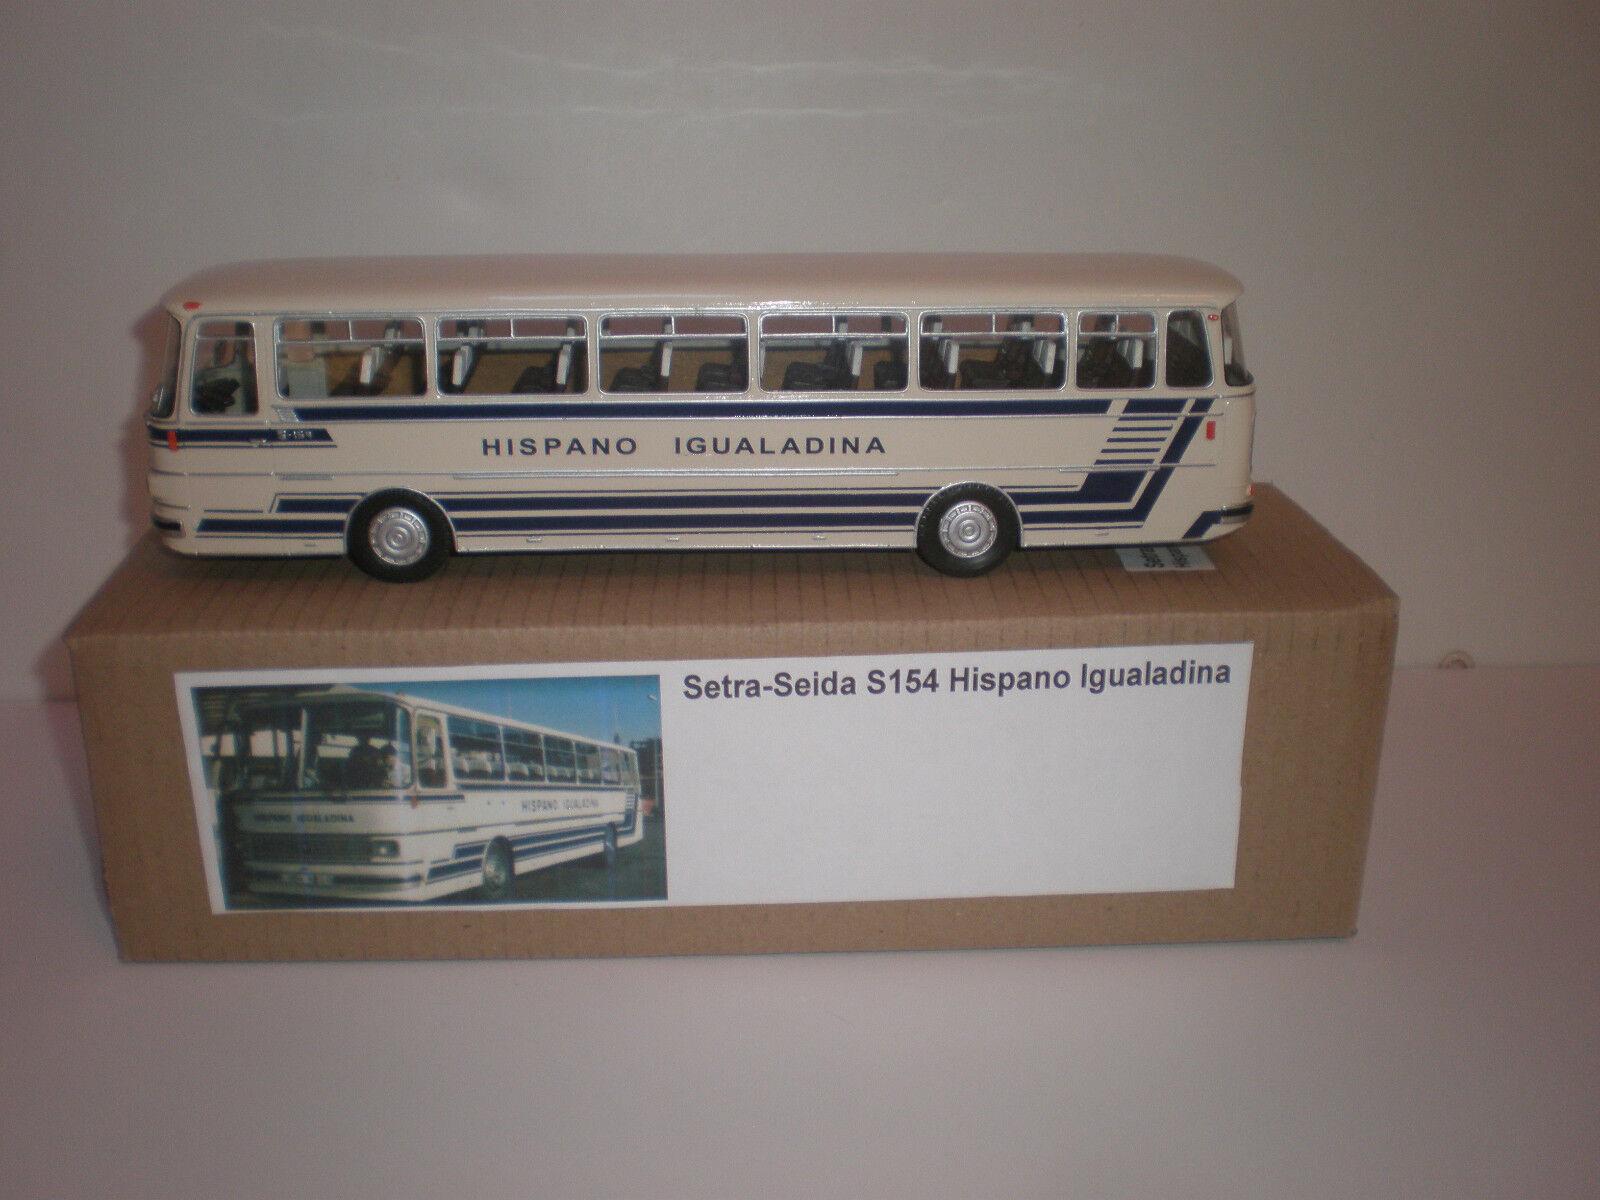 España Bus setra seida S 154 hispano igualadina 1972 hecho a mano